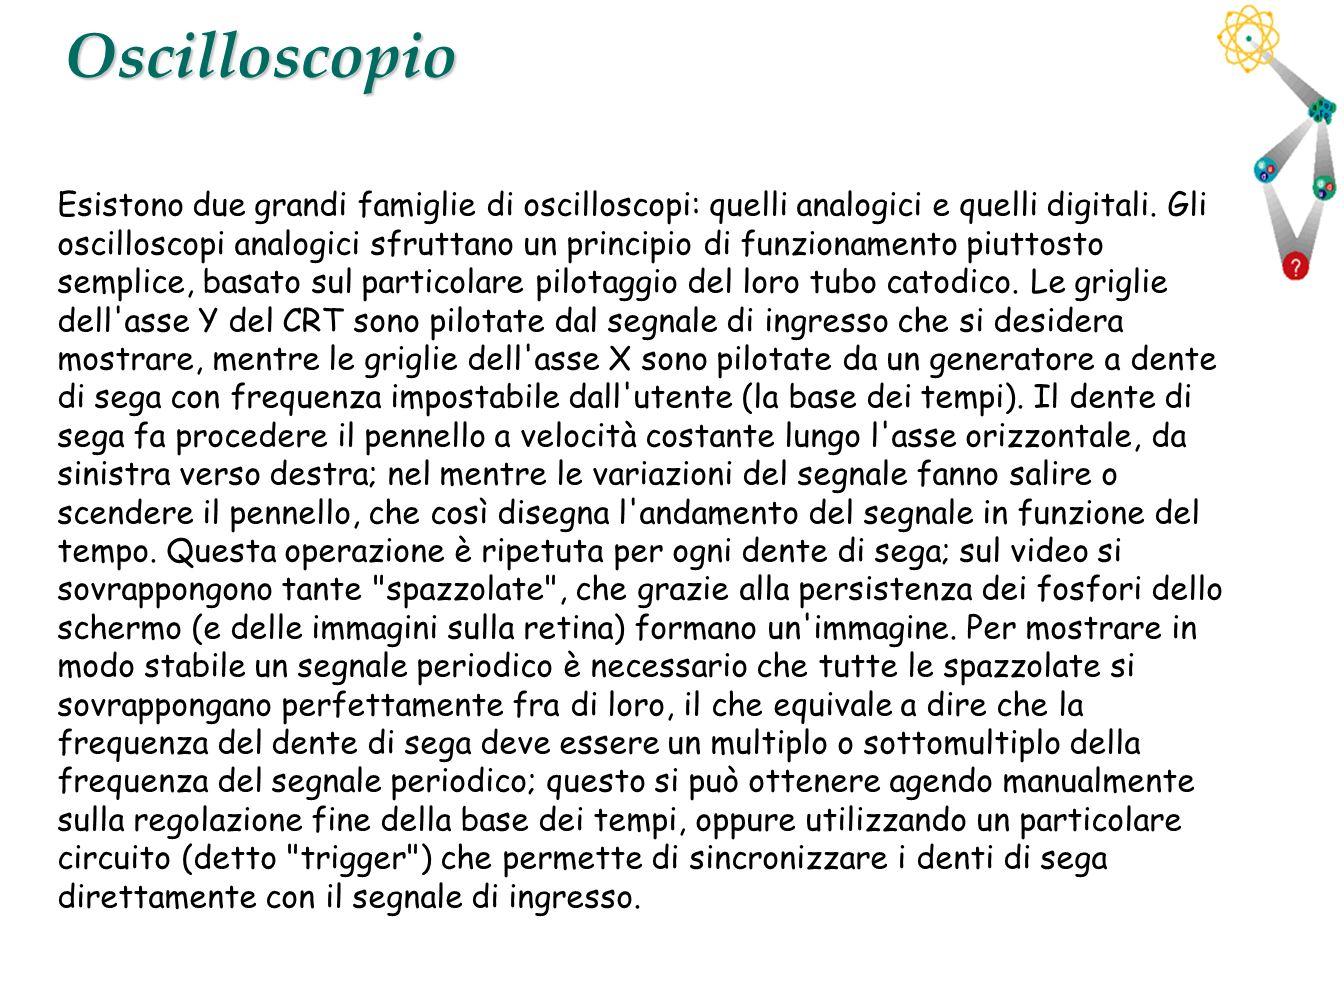 39Oscilloscopio Esistono due grandi famiglie di oscilloscopi: quelli analogici e quelli digitali. Gli oscilloscopi analogici sfruttano un principio di